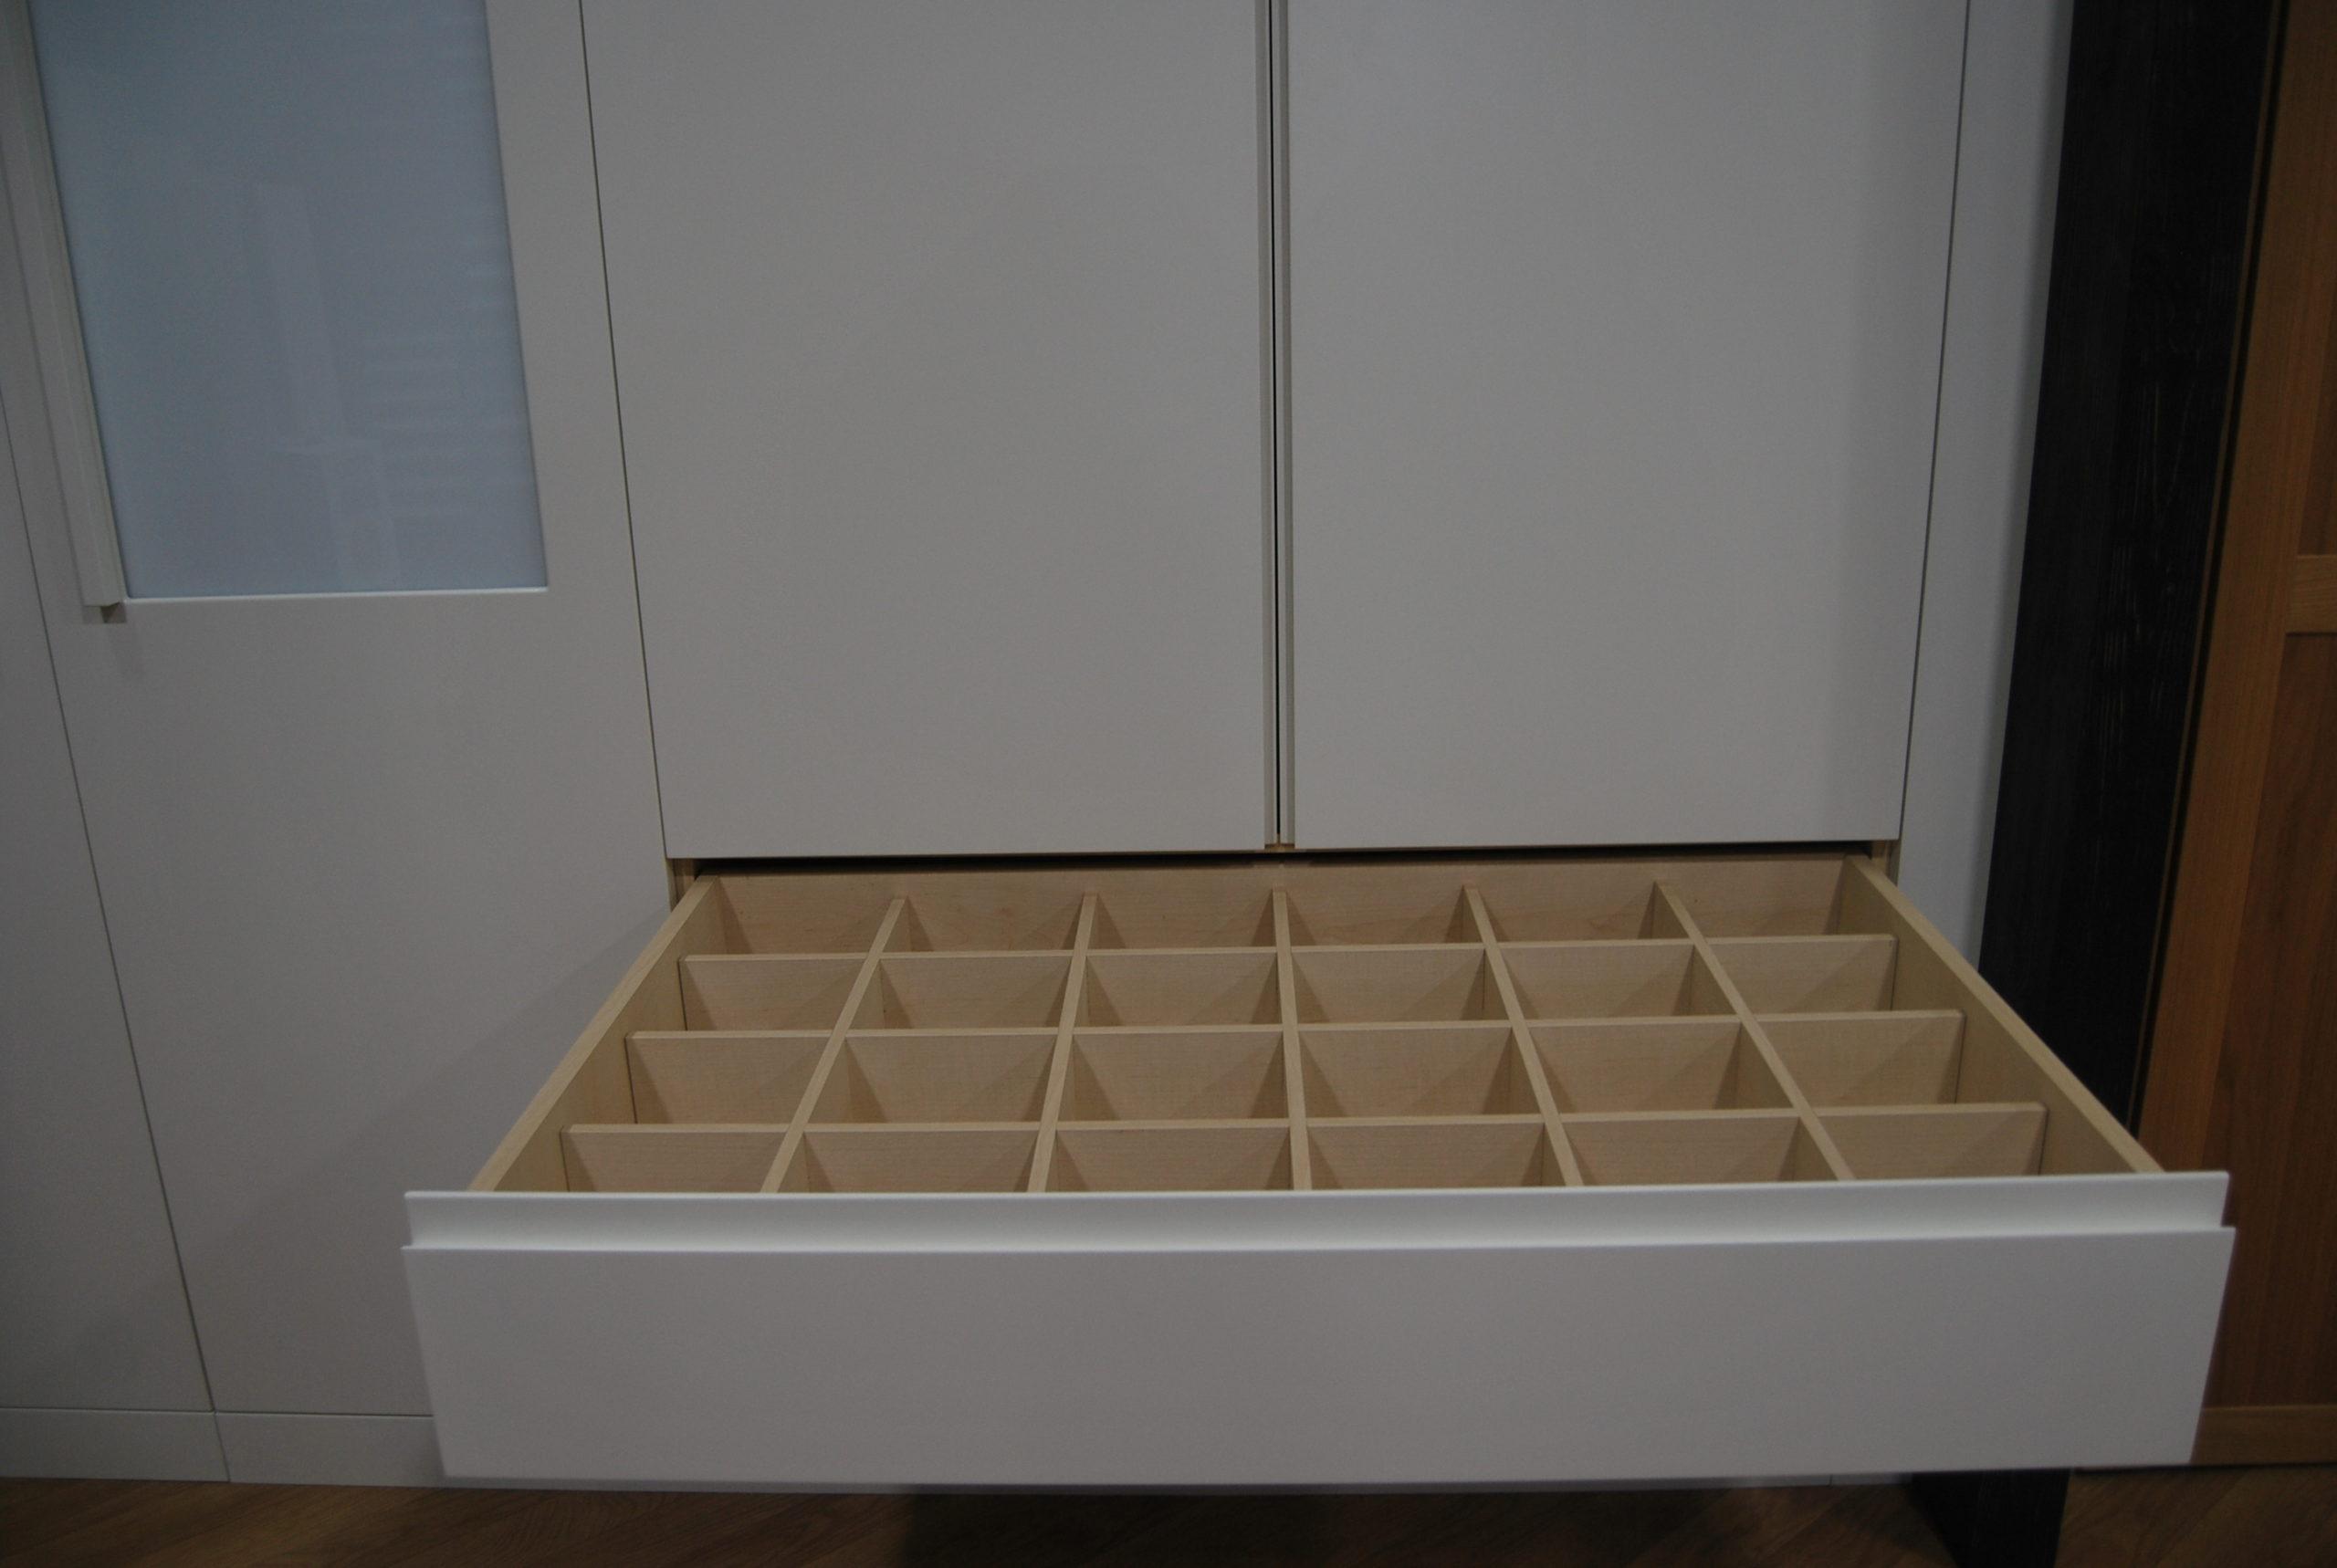 carpinteria-luis-fuente-armarios-de-madera-burgos-españa-taller-madera-de-calidad-premium-muebles-compra-venta (13)